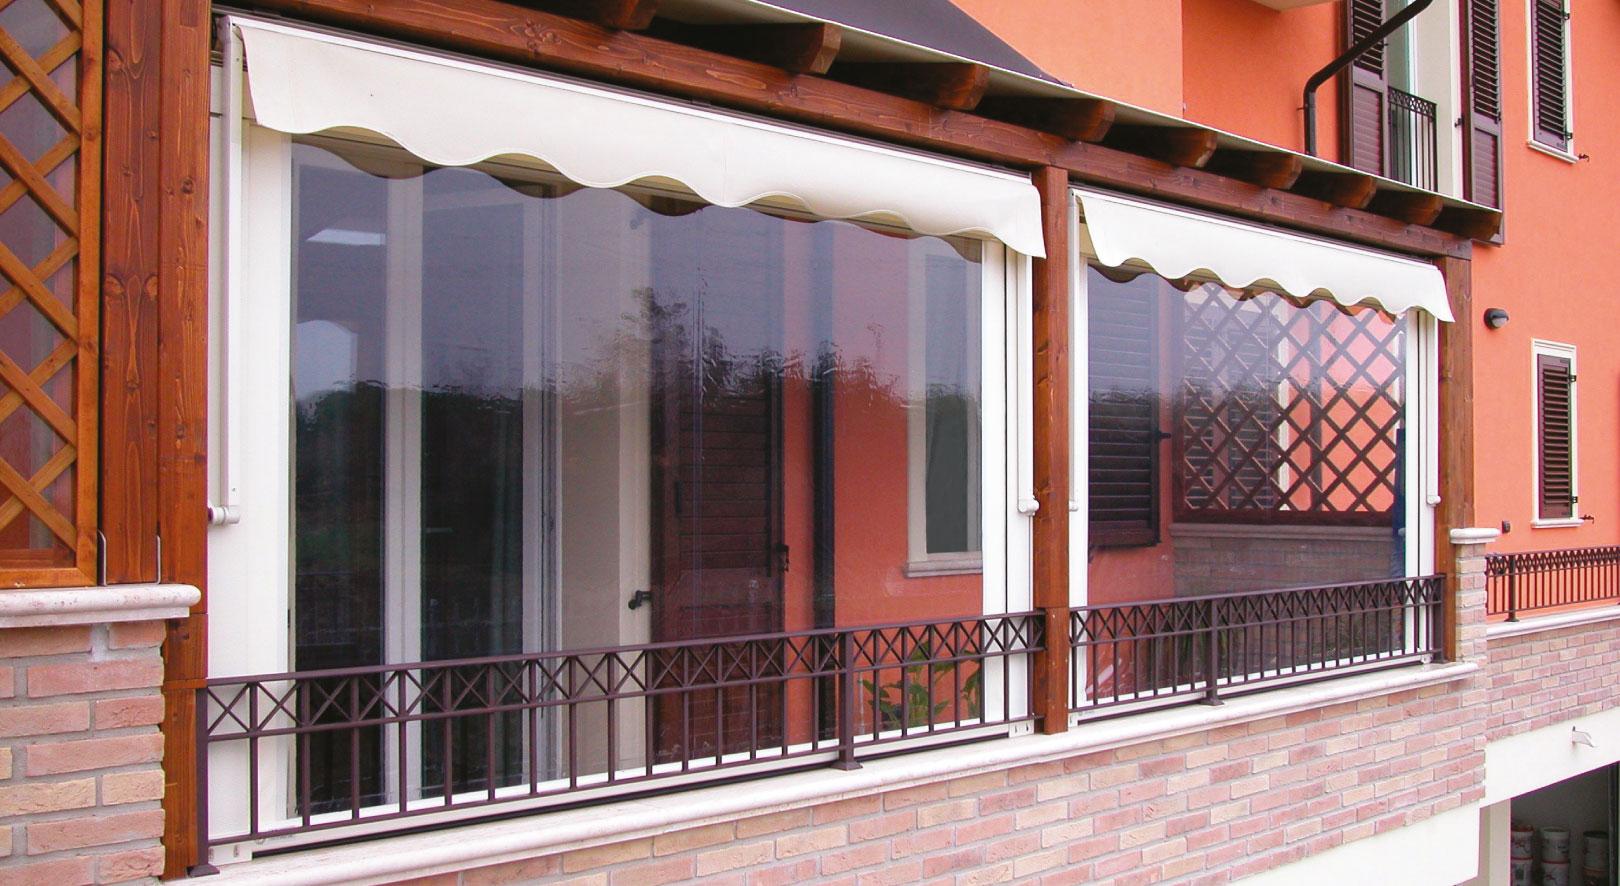 Coprire Terrazzo Con Veranda tende avvolgibili - protezione solare e chiusure invernali e